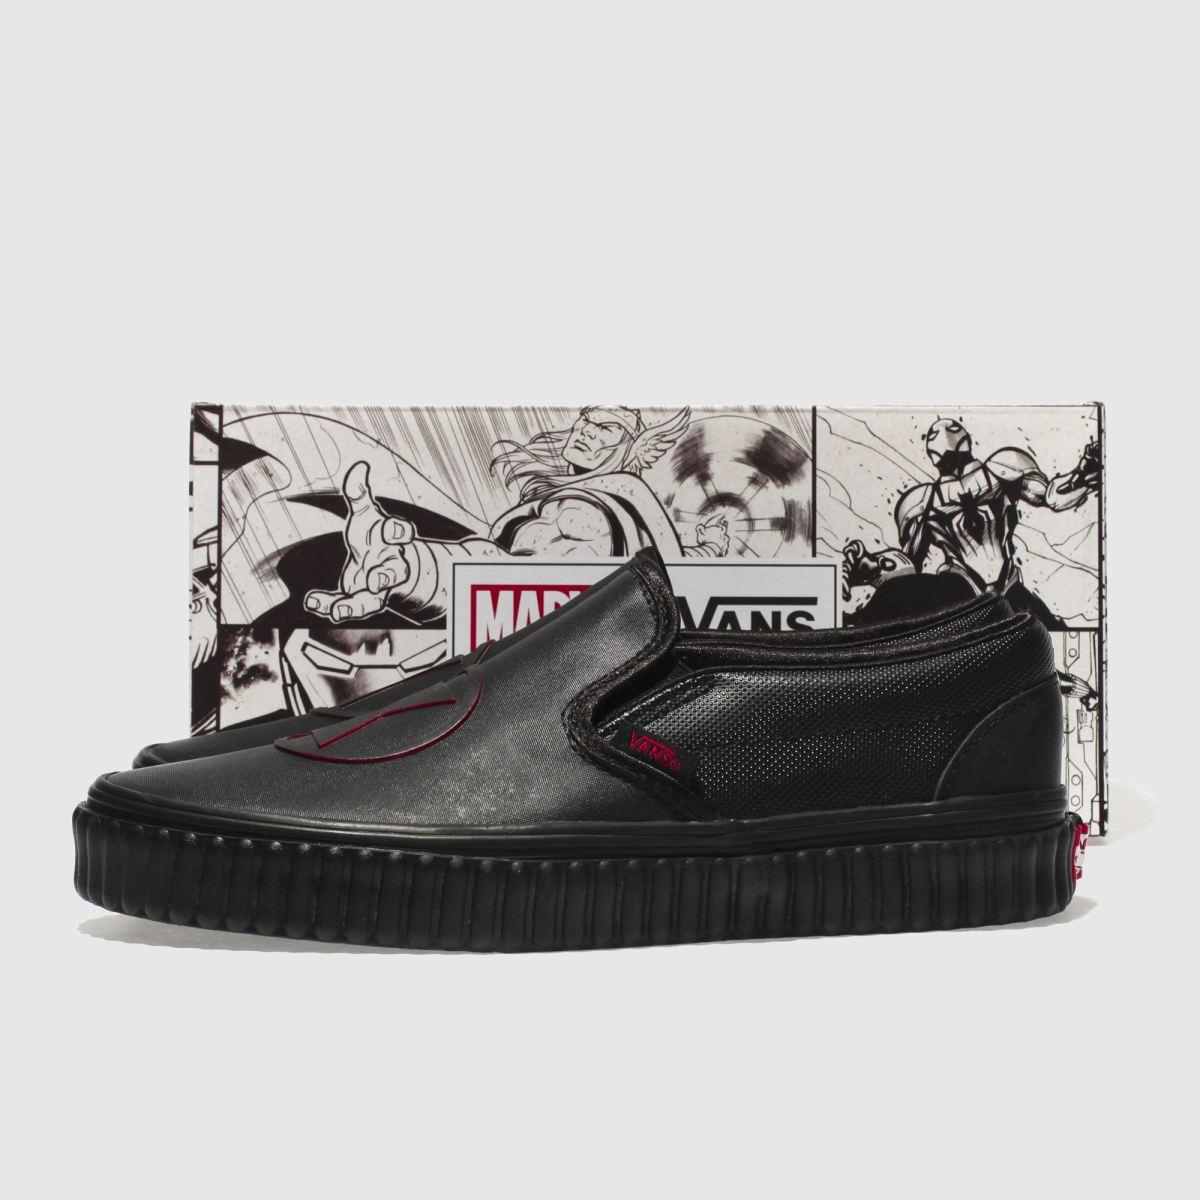 Damen Schwarz vans Slip-on Marvel schuh Black Widow Sneaker | schuh Marvel Gute Qualität beliebte Schuhe bbb4b2